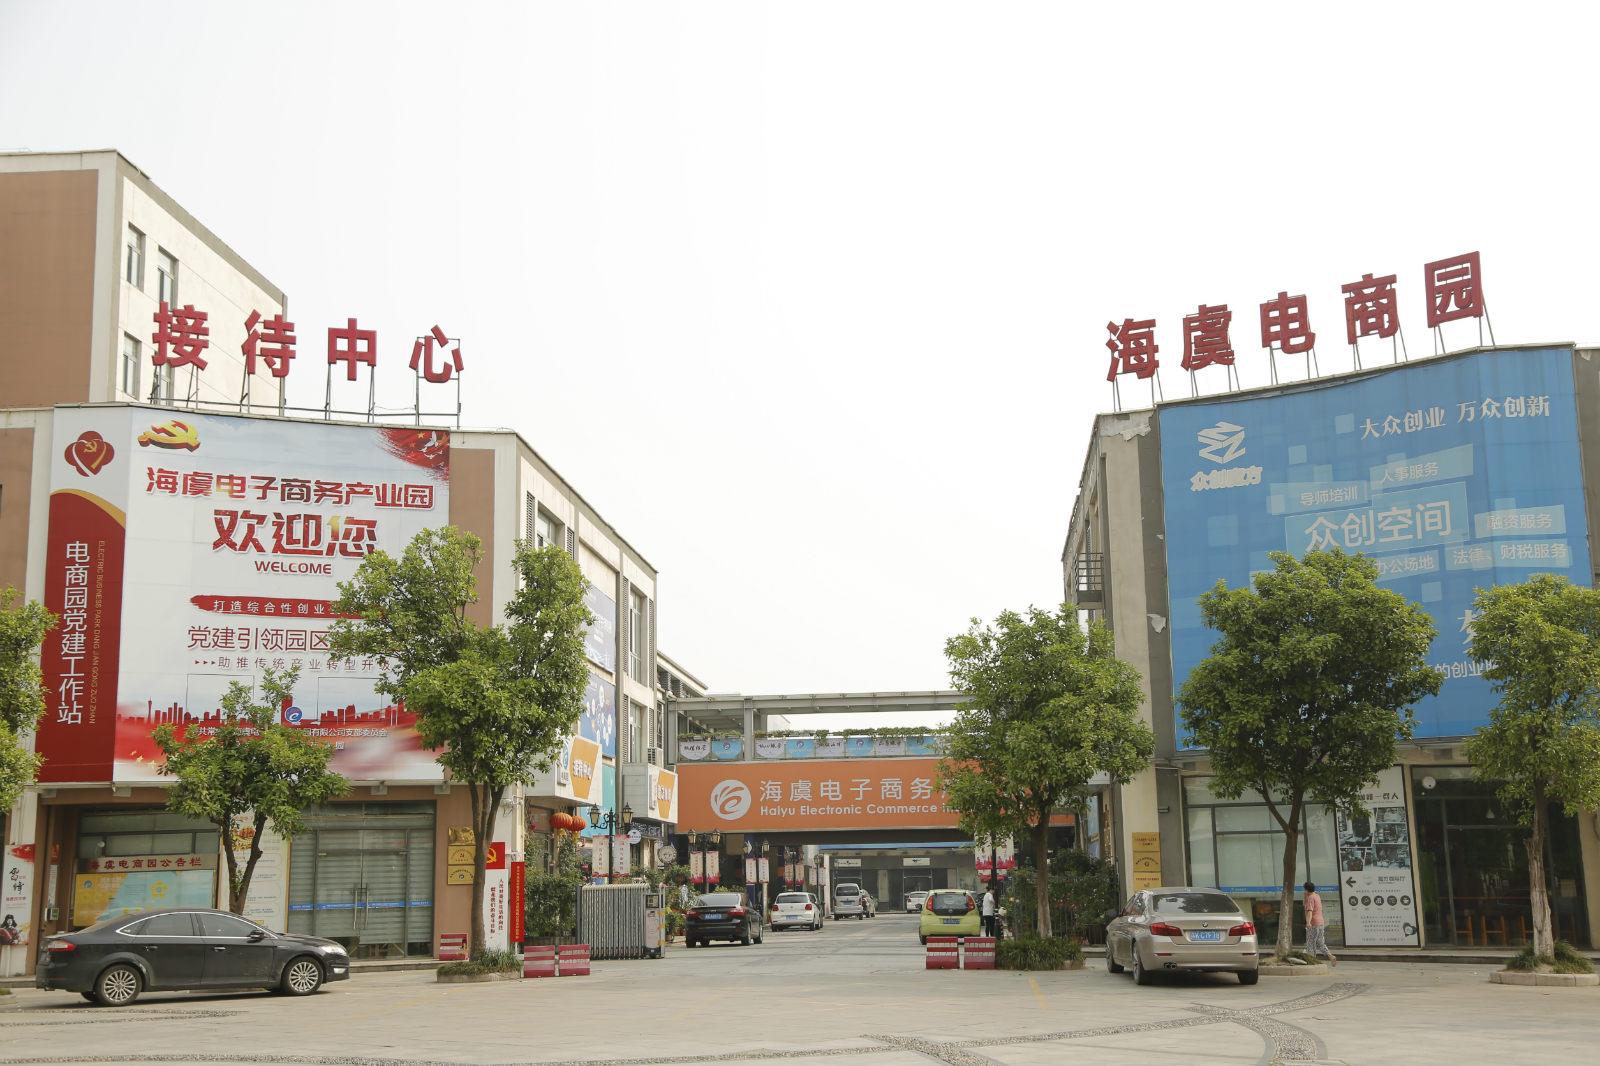 海虞电子商务产业园, 科技项目,电商,小微企业,创新项目,享受zf优惠!